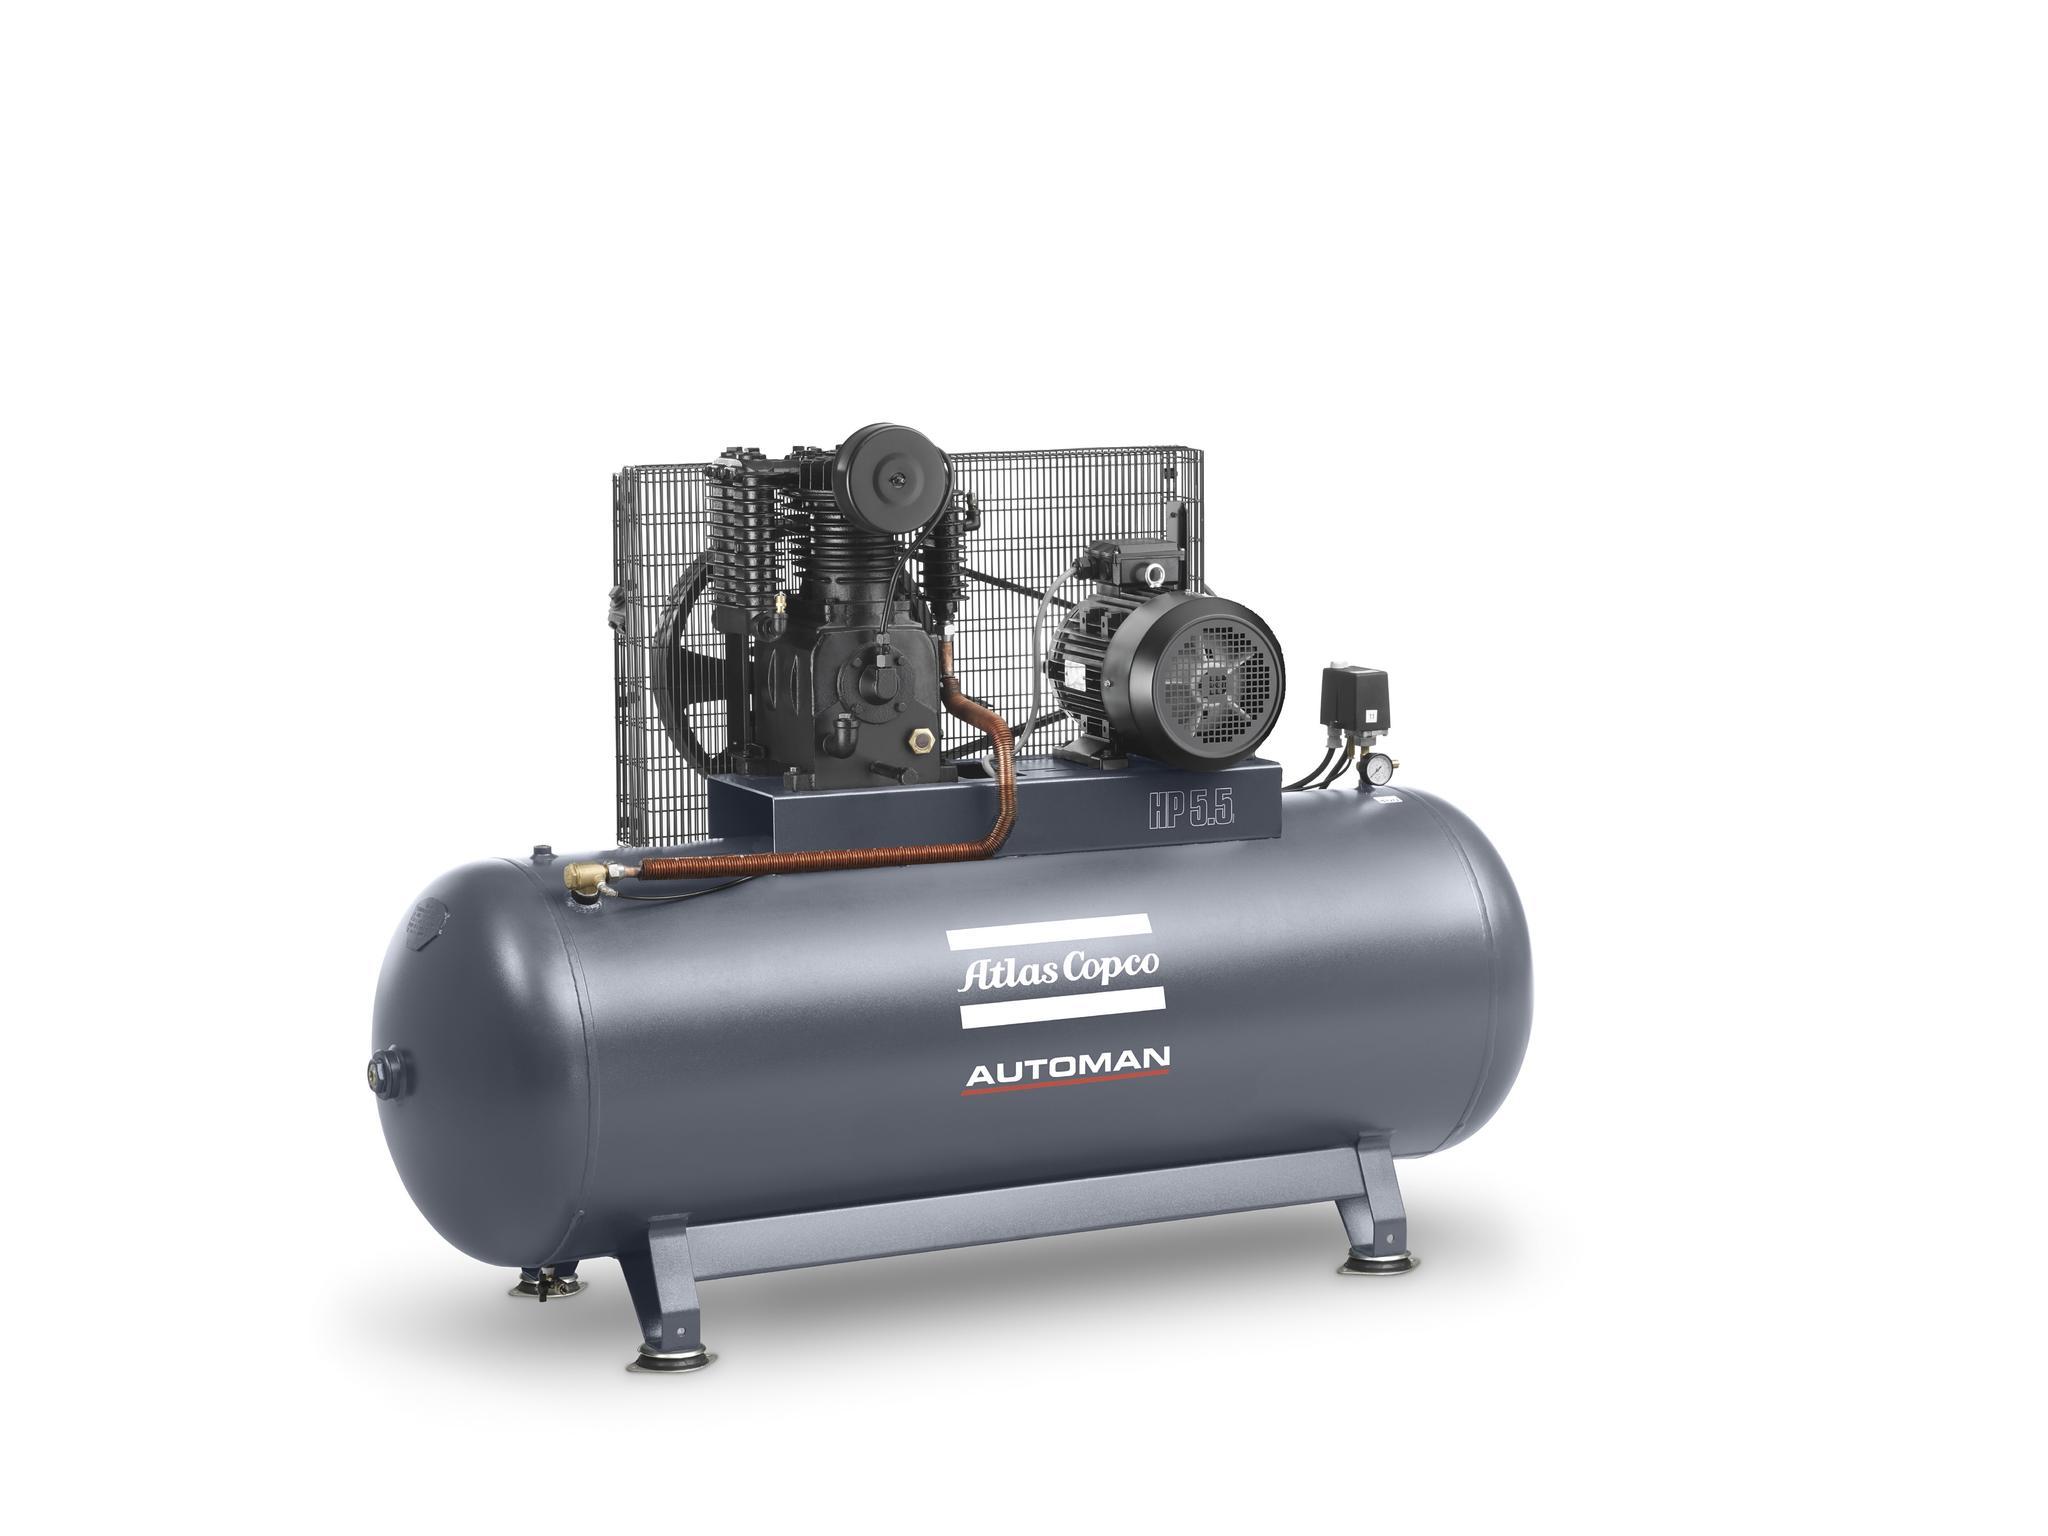 Atlas Copco 7.5 hp Cast Iron Piston Air Compressor with 270L Vessel - 11 bar